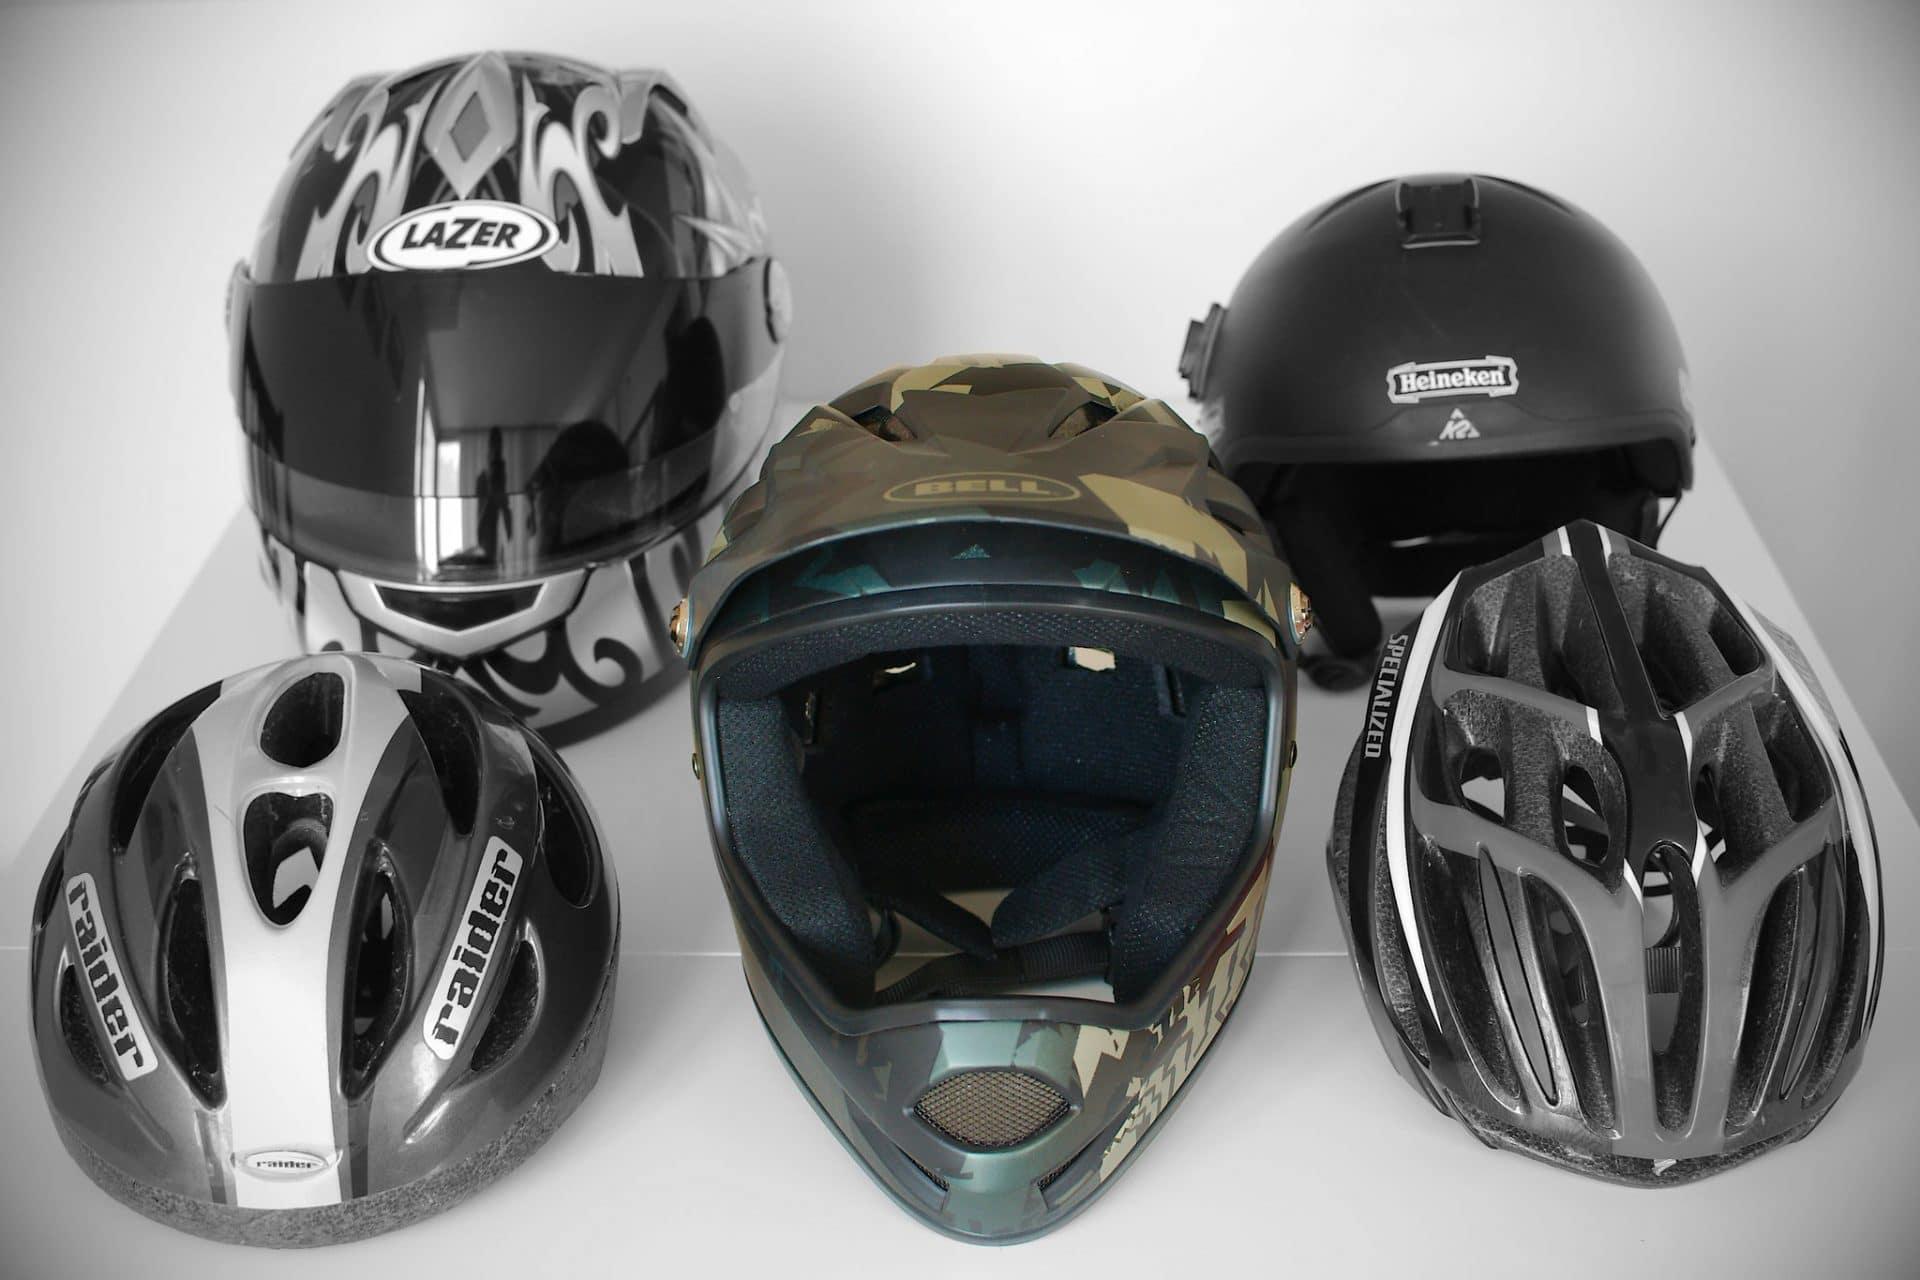 Prix d'un casque de moto